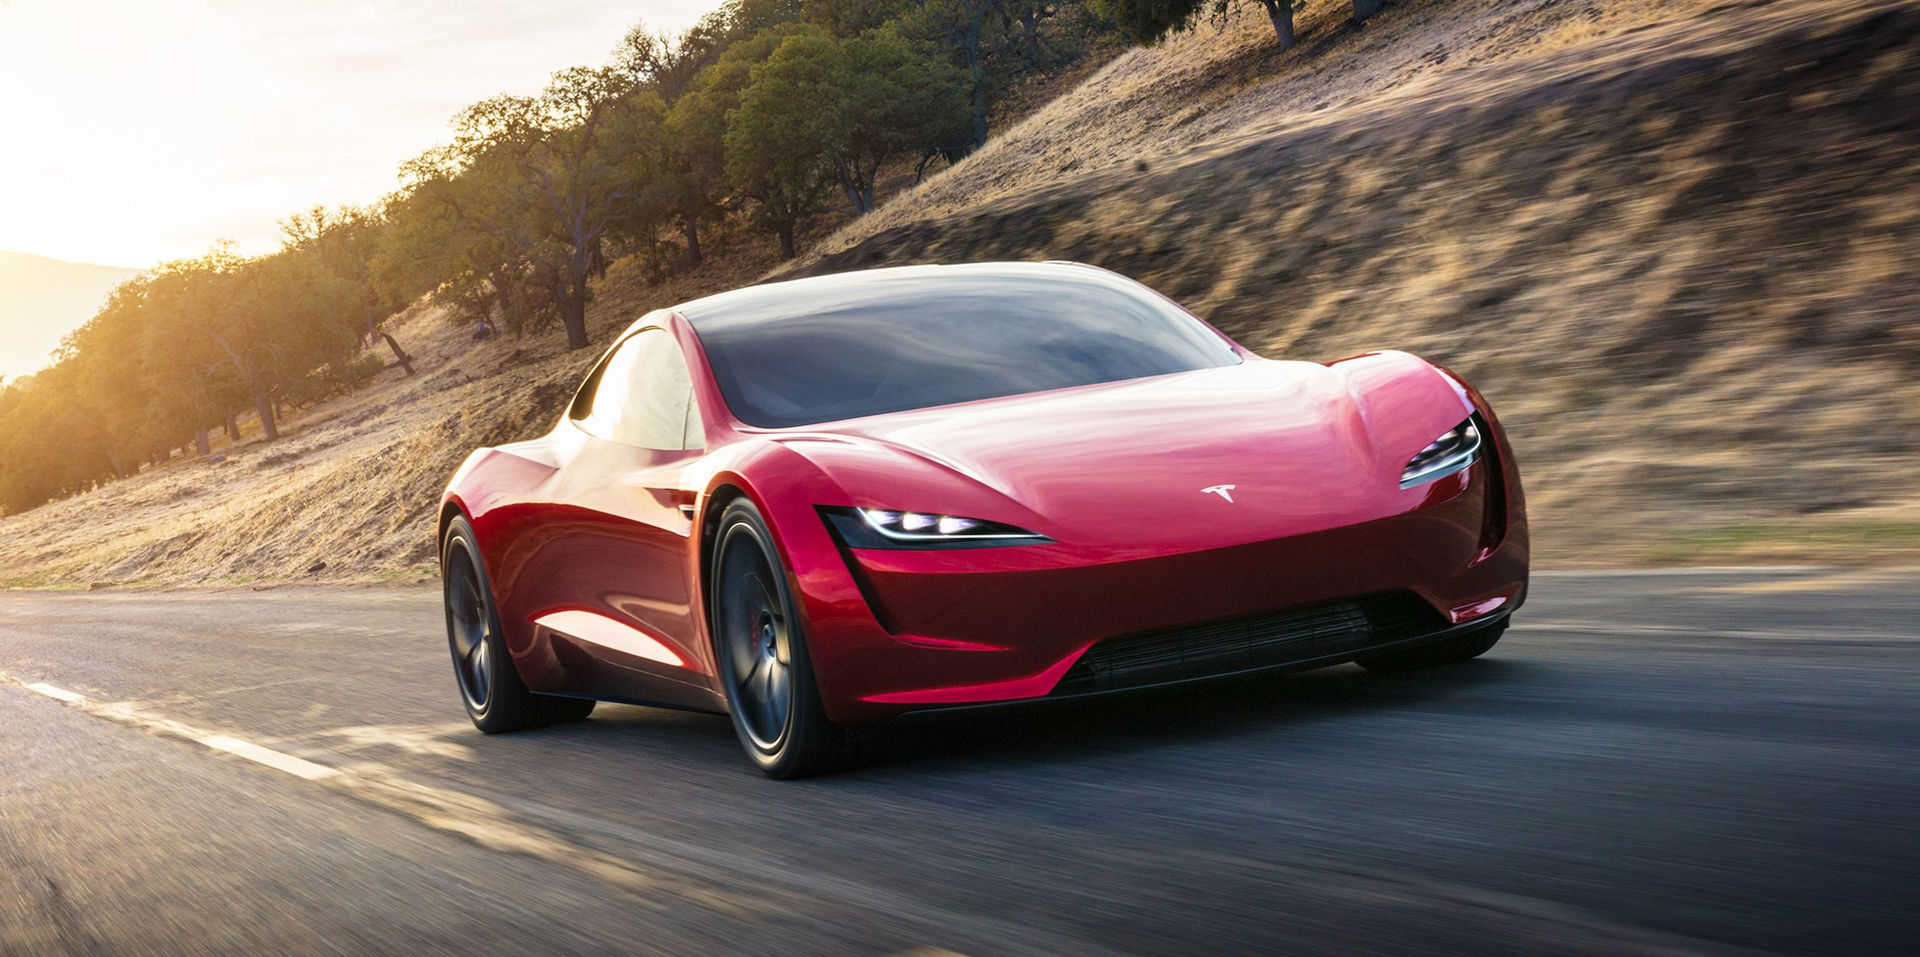 Nya Tesla Roadster till Nürburgring nästa år